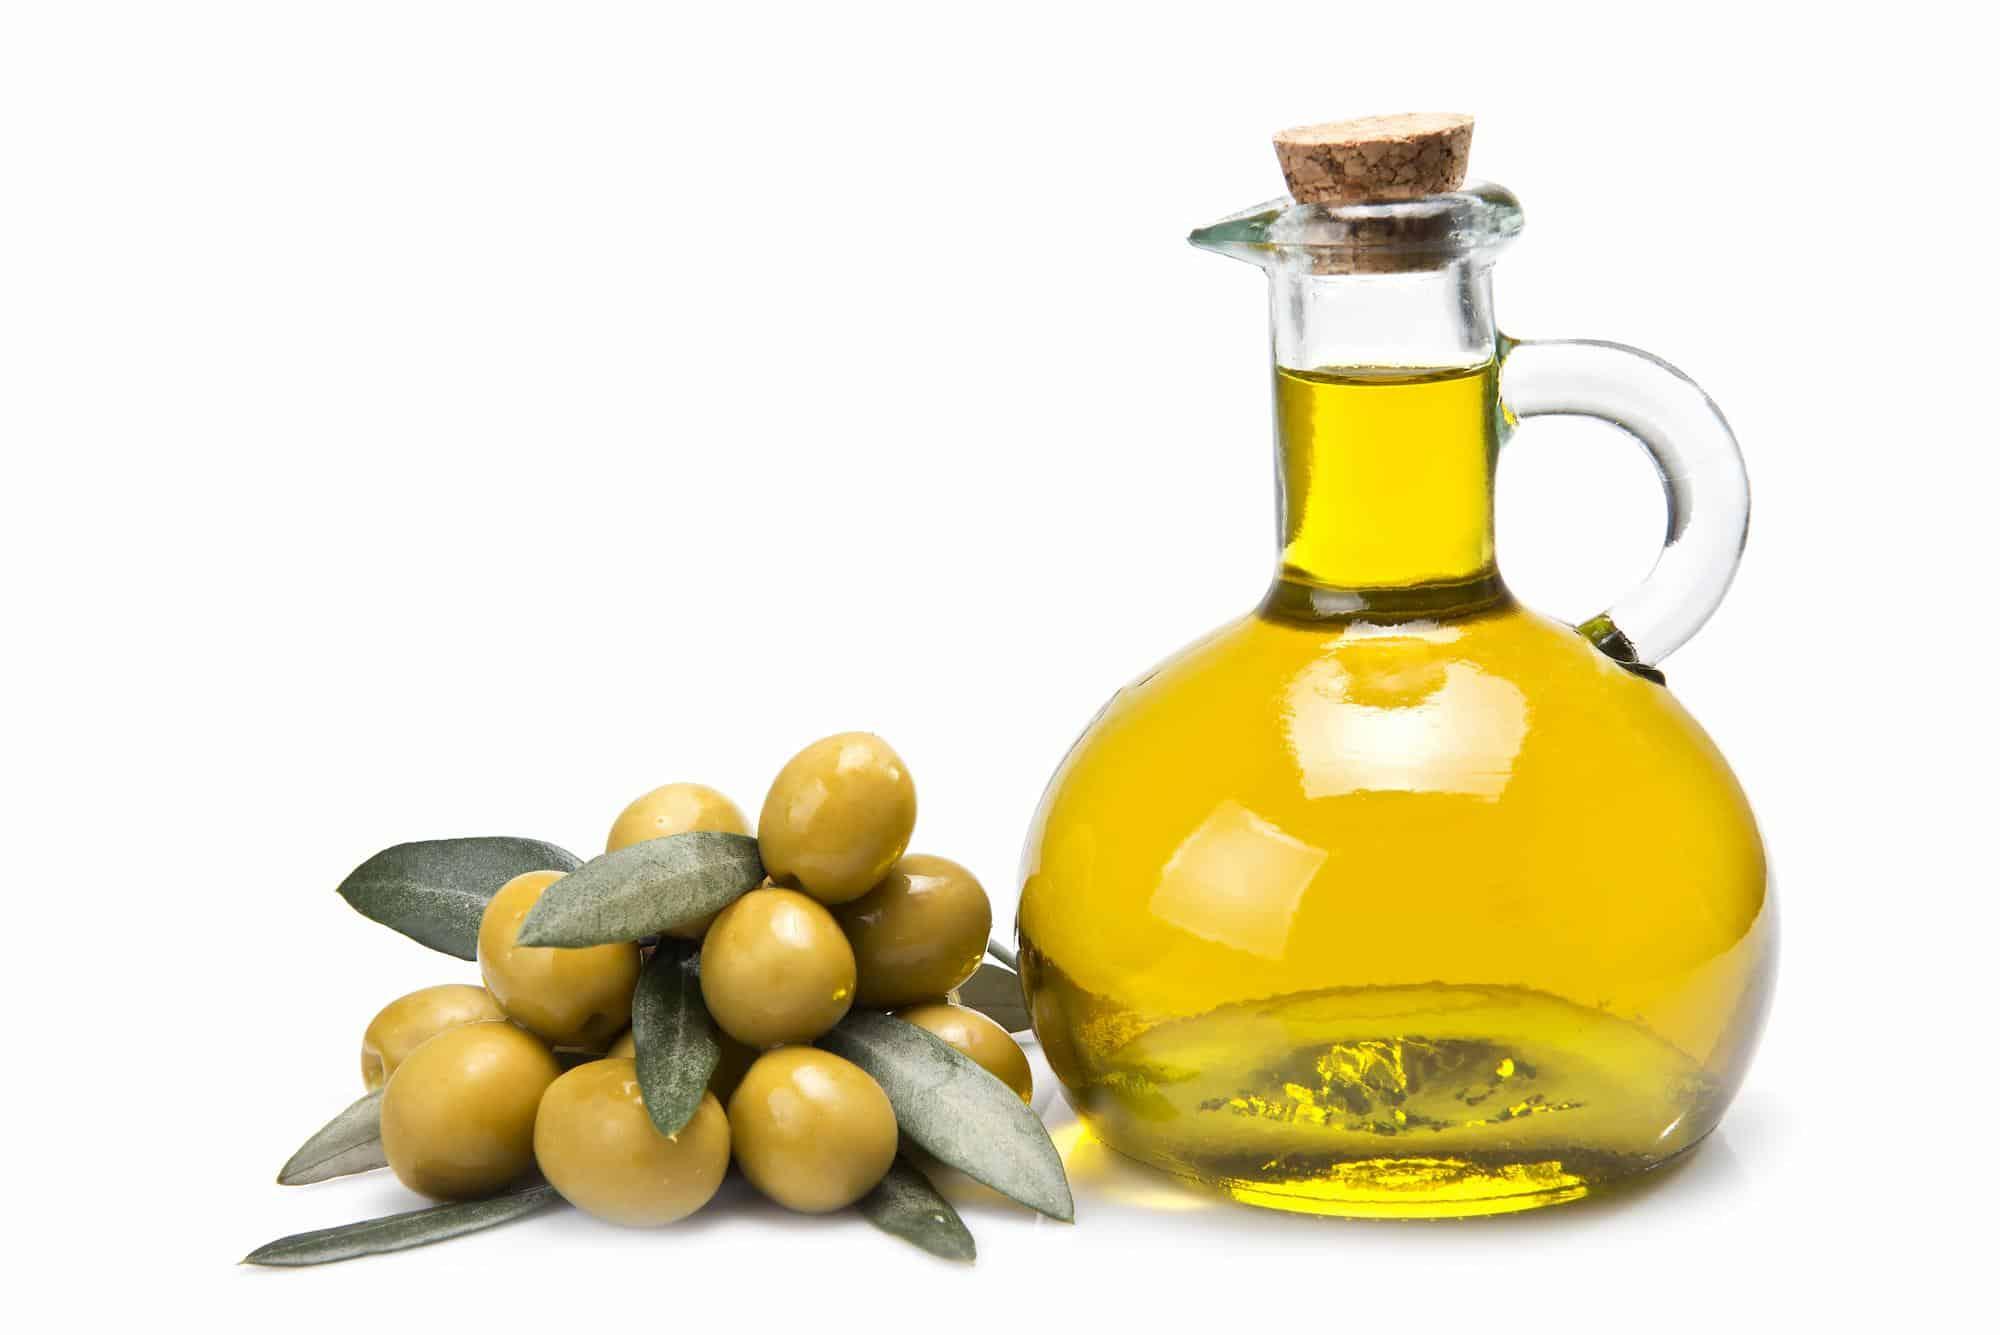 Australian olive oil